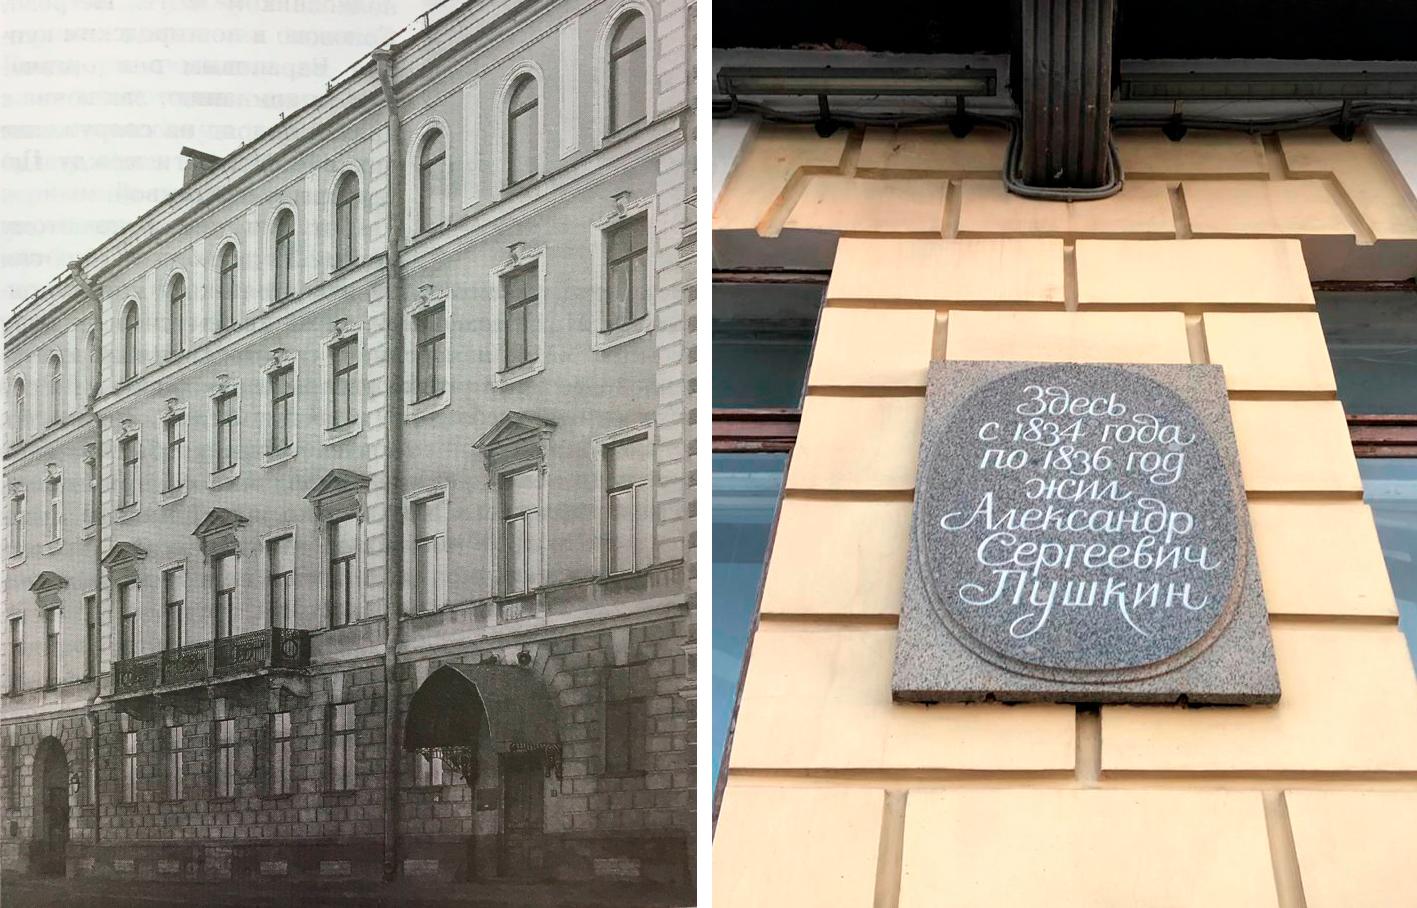 Слева: изображение фасада дома из книги «Набережная Кутузова», «Центрполиграф» / «МиМ-Дельта», 2003г. Справа: мемориальная доска (фото автора)